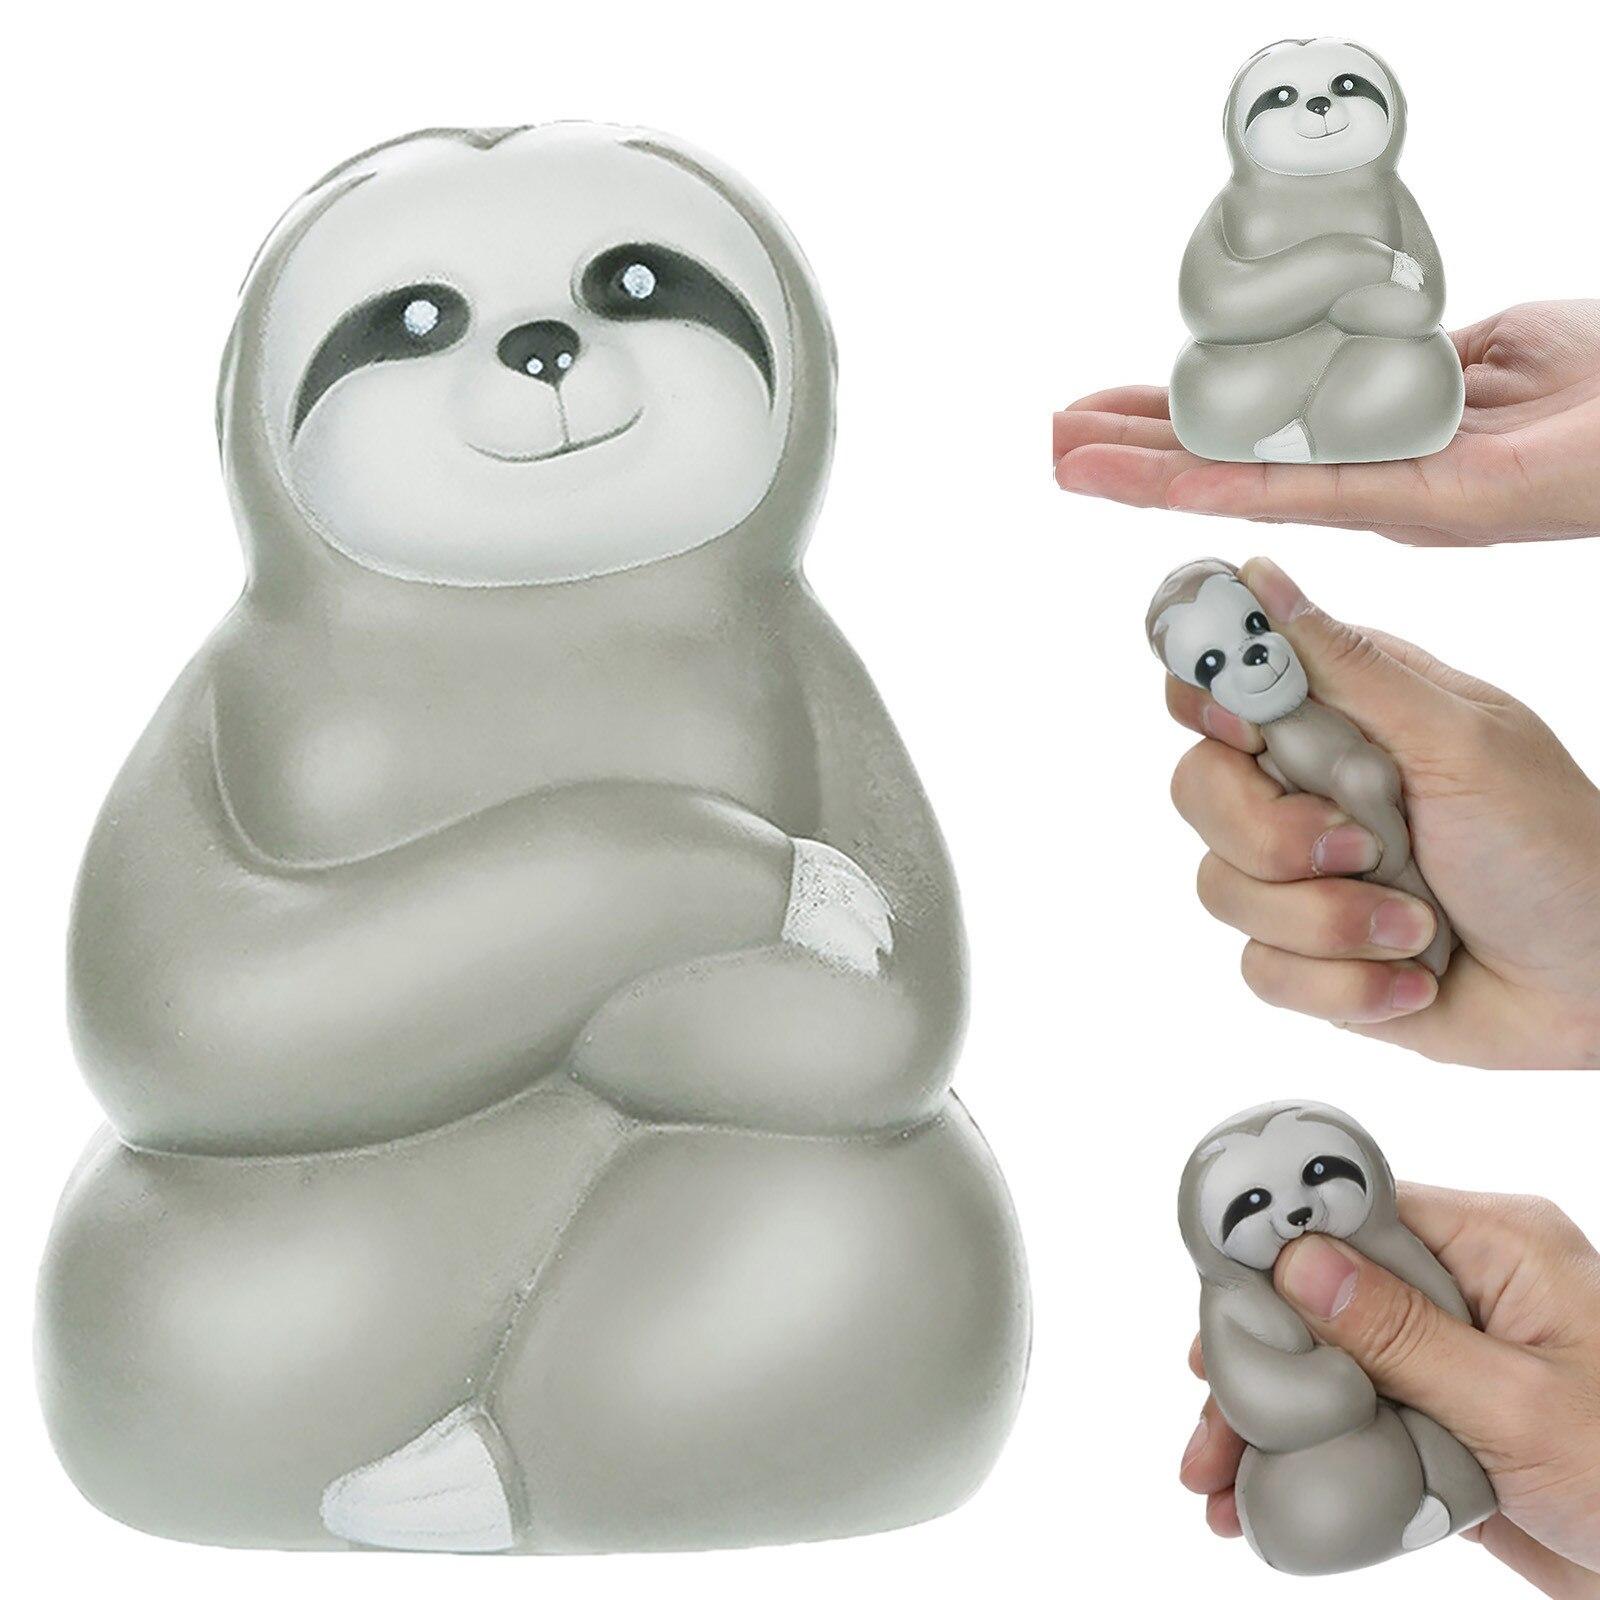 Jouets de compression de paresseux doux mignon drôle jouets de soulagement de Stress parfumés de fruits en hausse lente Mini jouets d'animaux de bande dessinée belle pour des cadeaux d'adultes